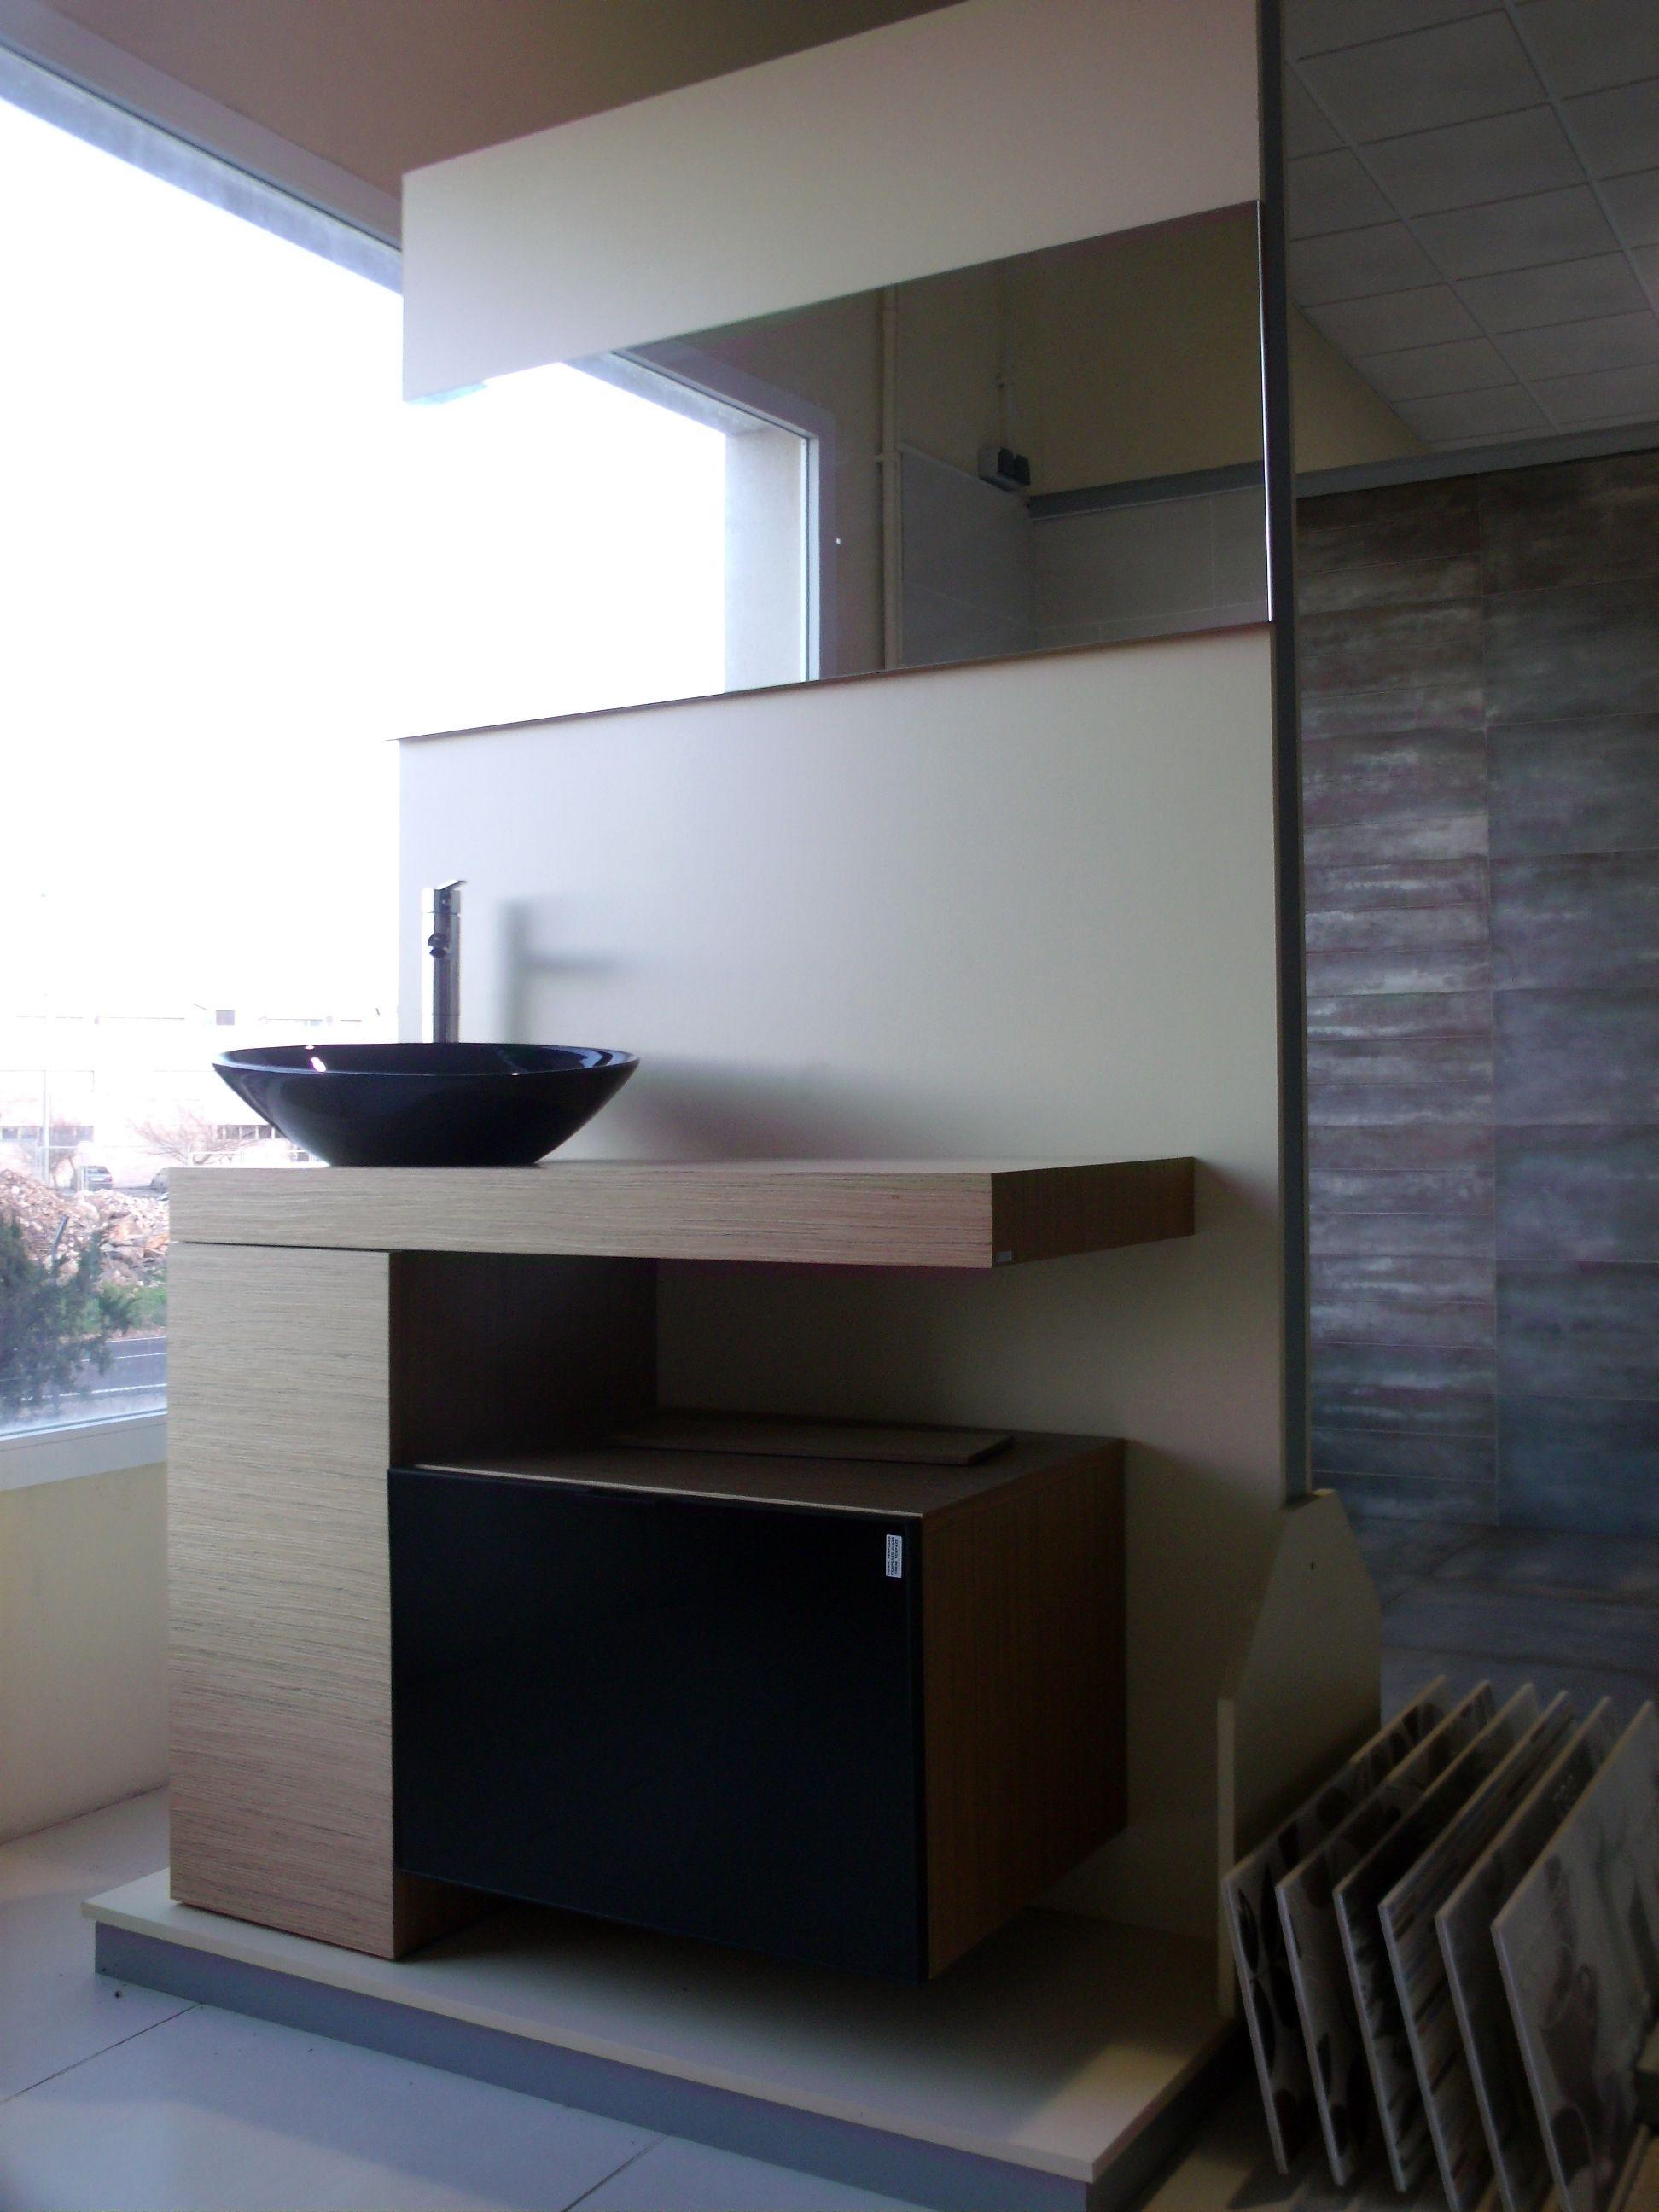 Mueble de ba o compuesto por un lavabo negro en forma de cuenco grifo de acero espejo liso - Espejos para lavabos ...